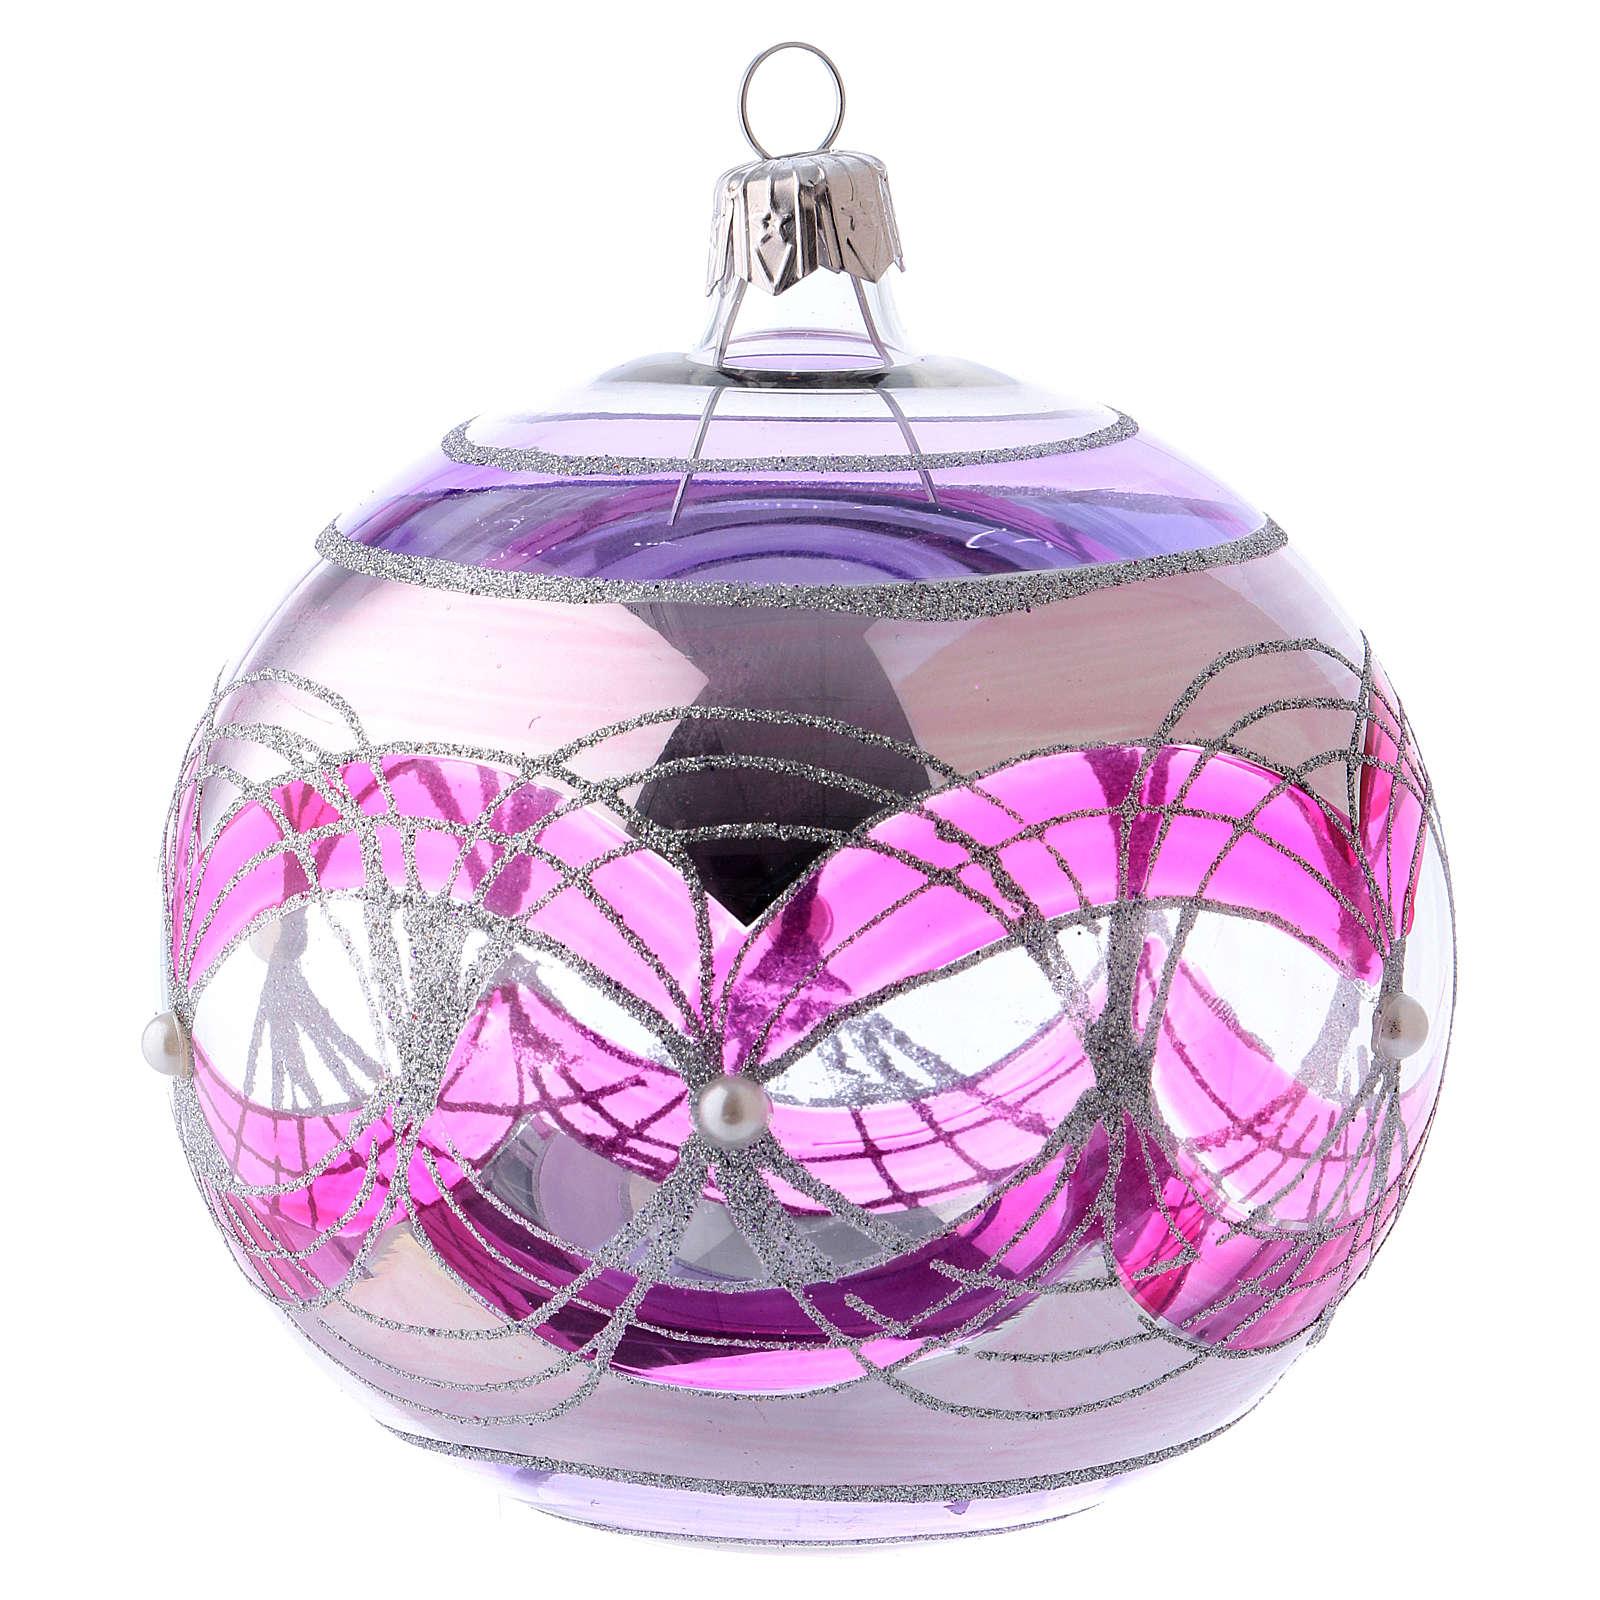 Bola árbol Navidad 100 mm transparente fucsia motivos plateados vidrio soplado 4